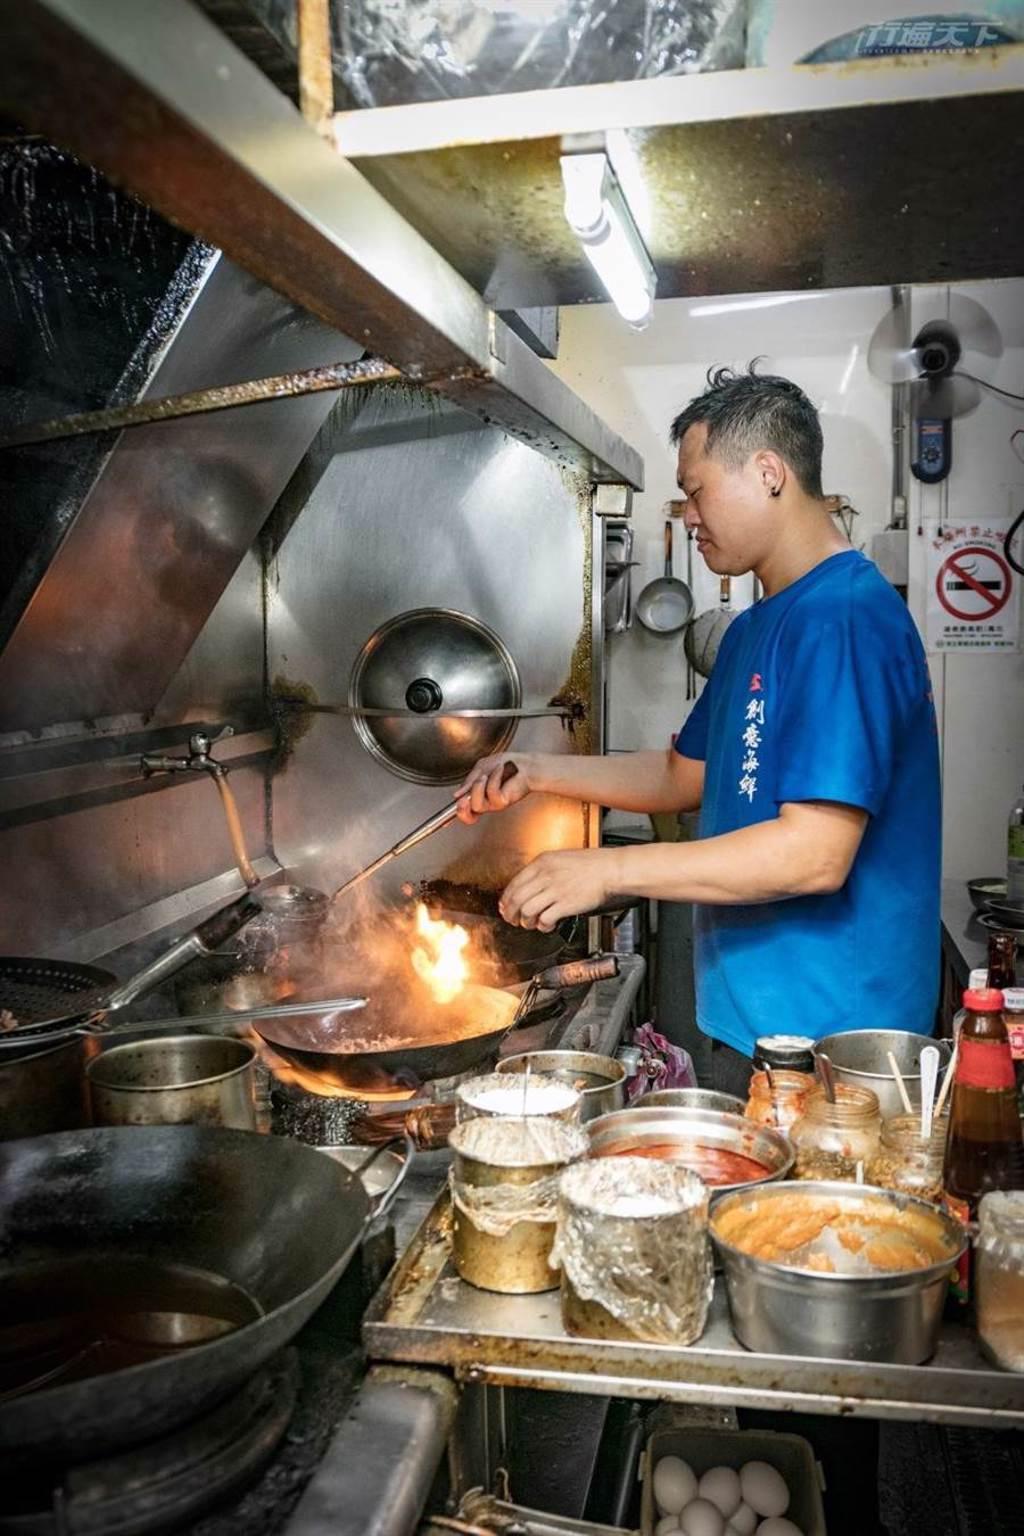 廚房中老闆熟練地巧手變化出各種誘人的海鮮料理。(圖/行遍天下提供)